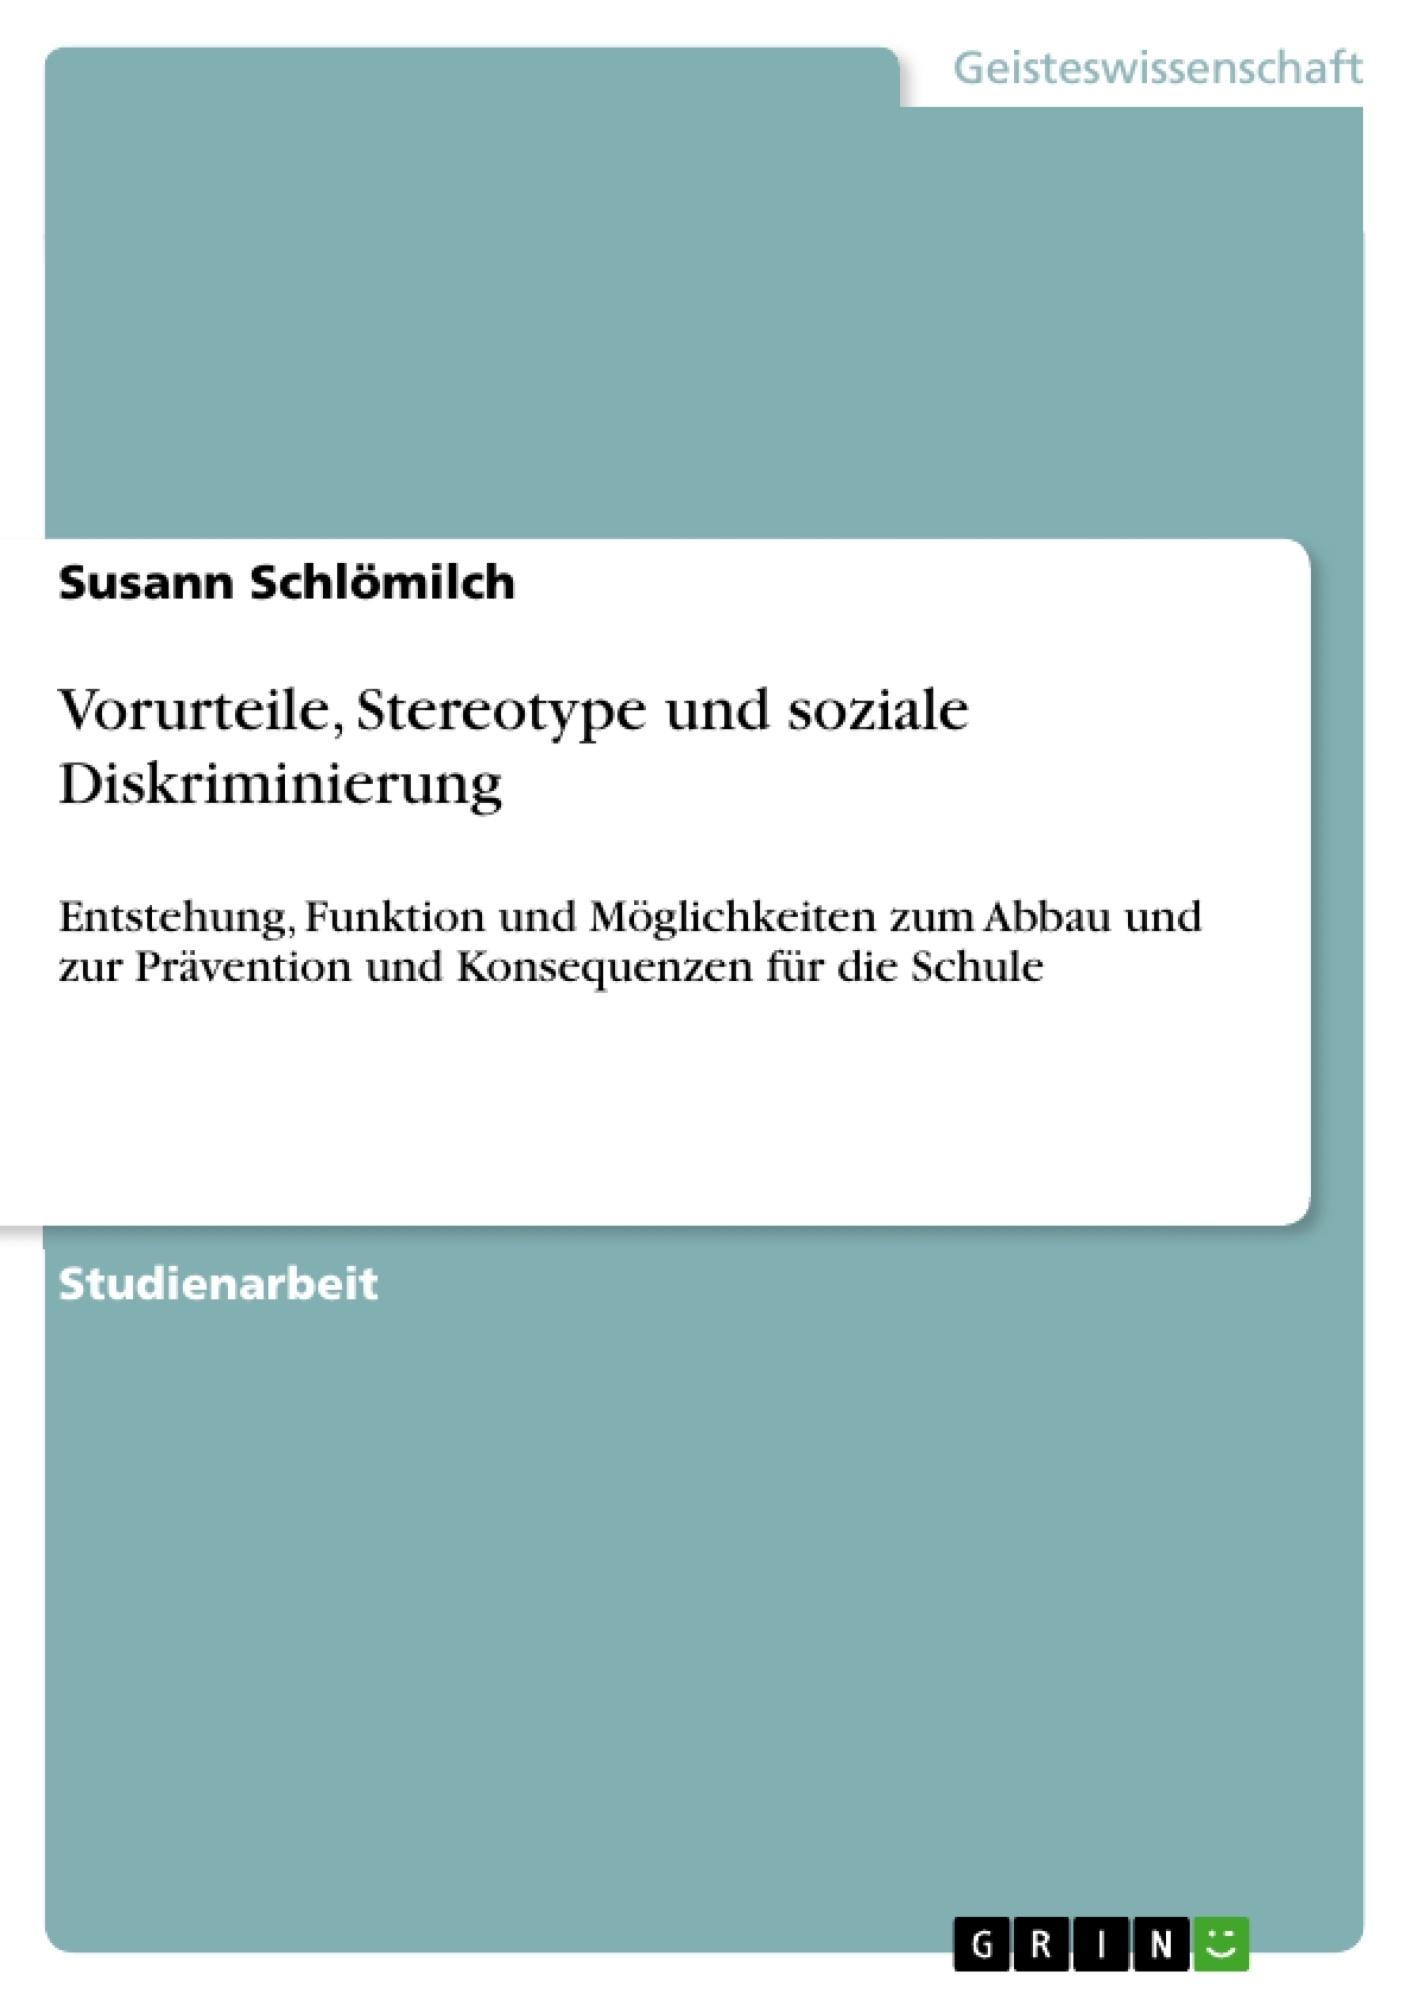 Titel: Vorurteile, Stereotype und soziale Diskriminierung